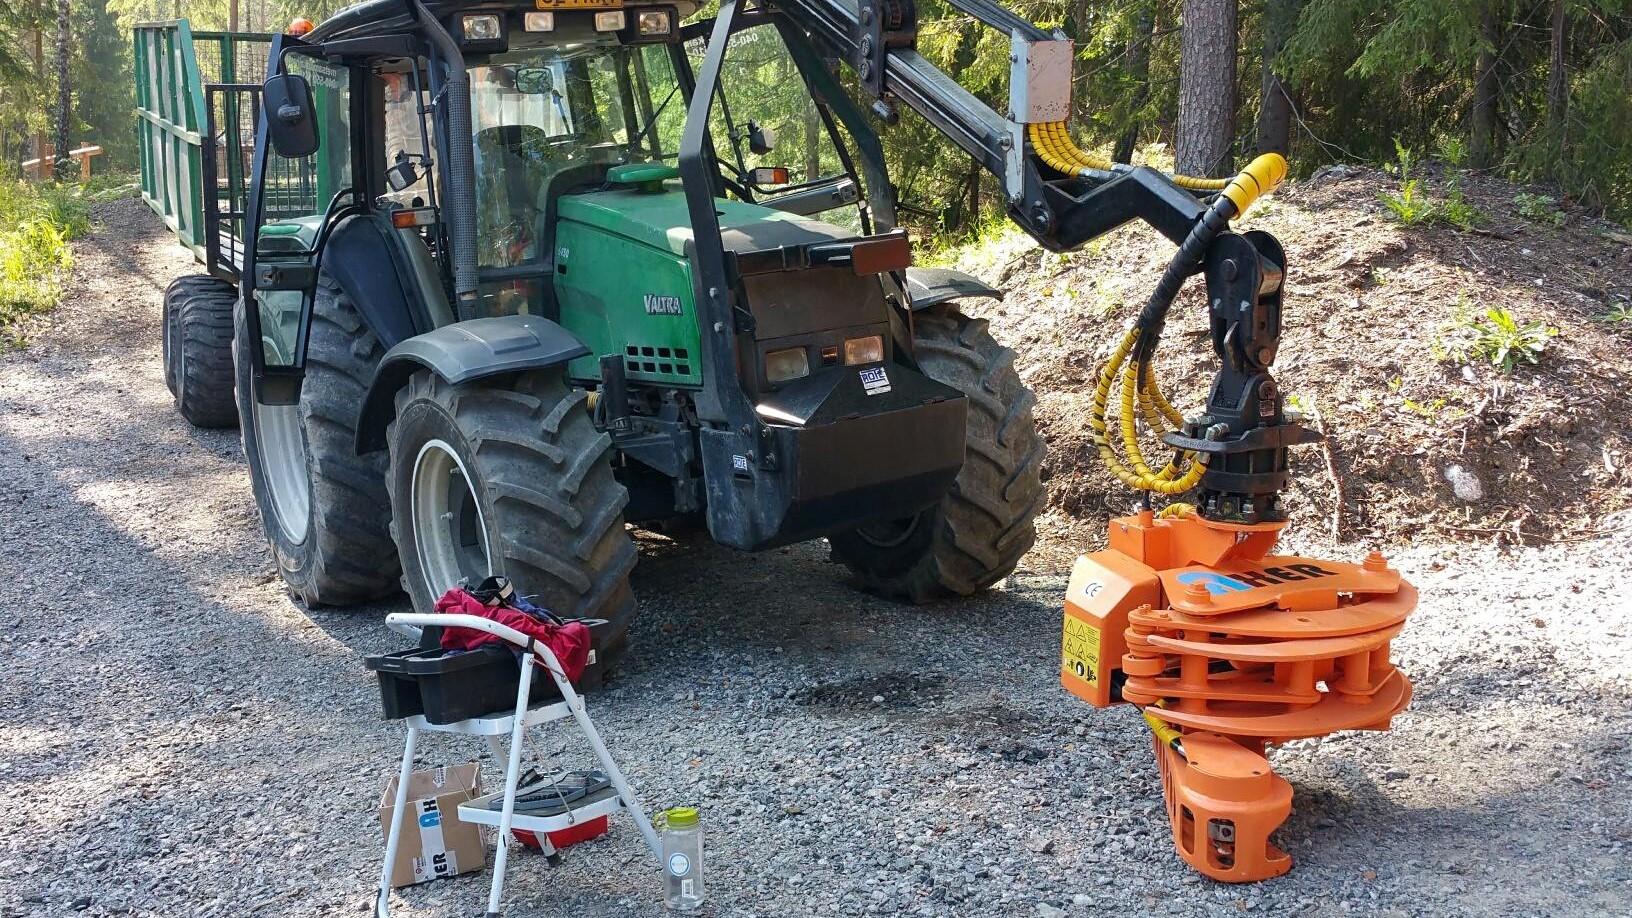 La gamma Axer si presta ben per le gru su trattore.